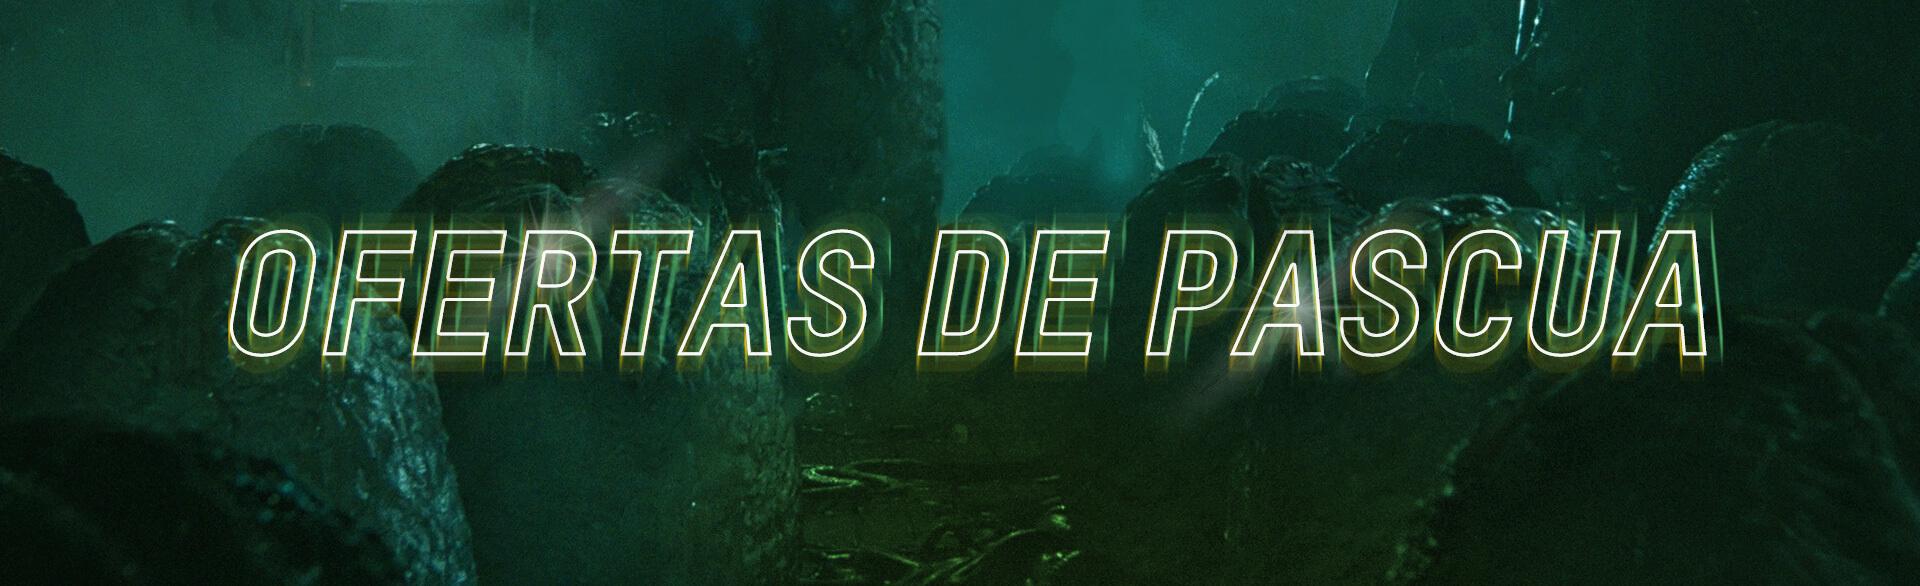 OFERTAS DE PASCUA